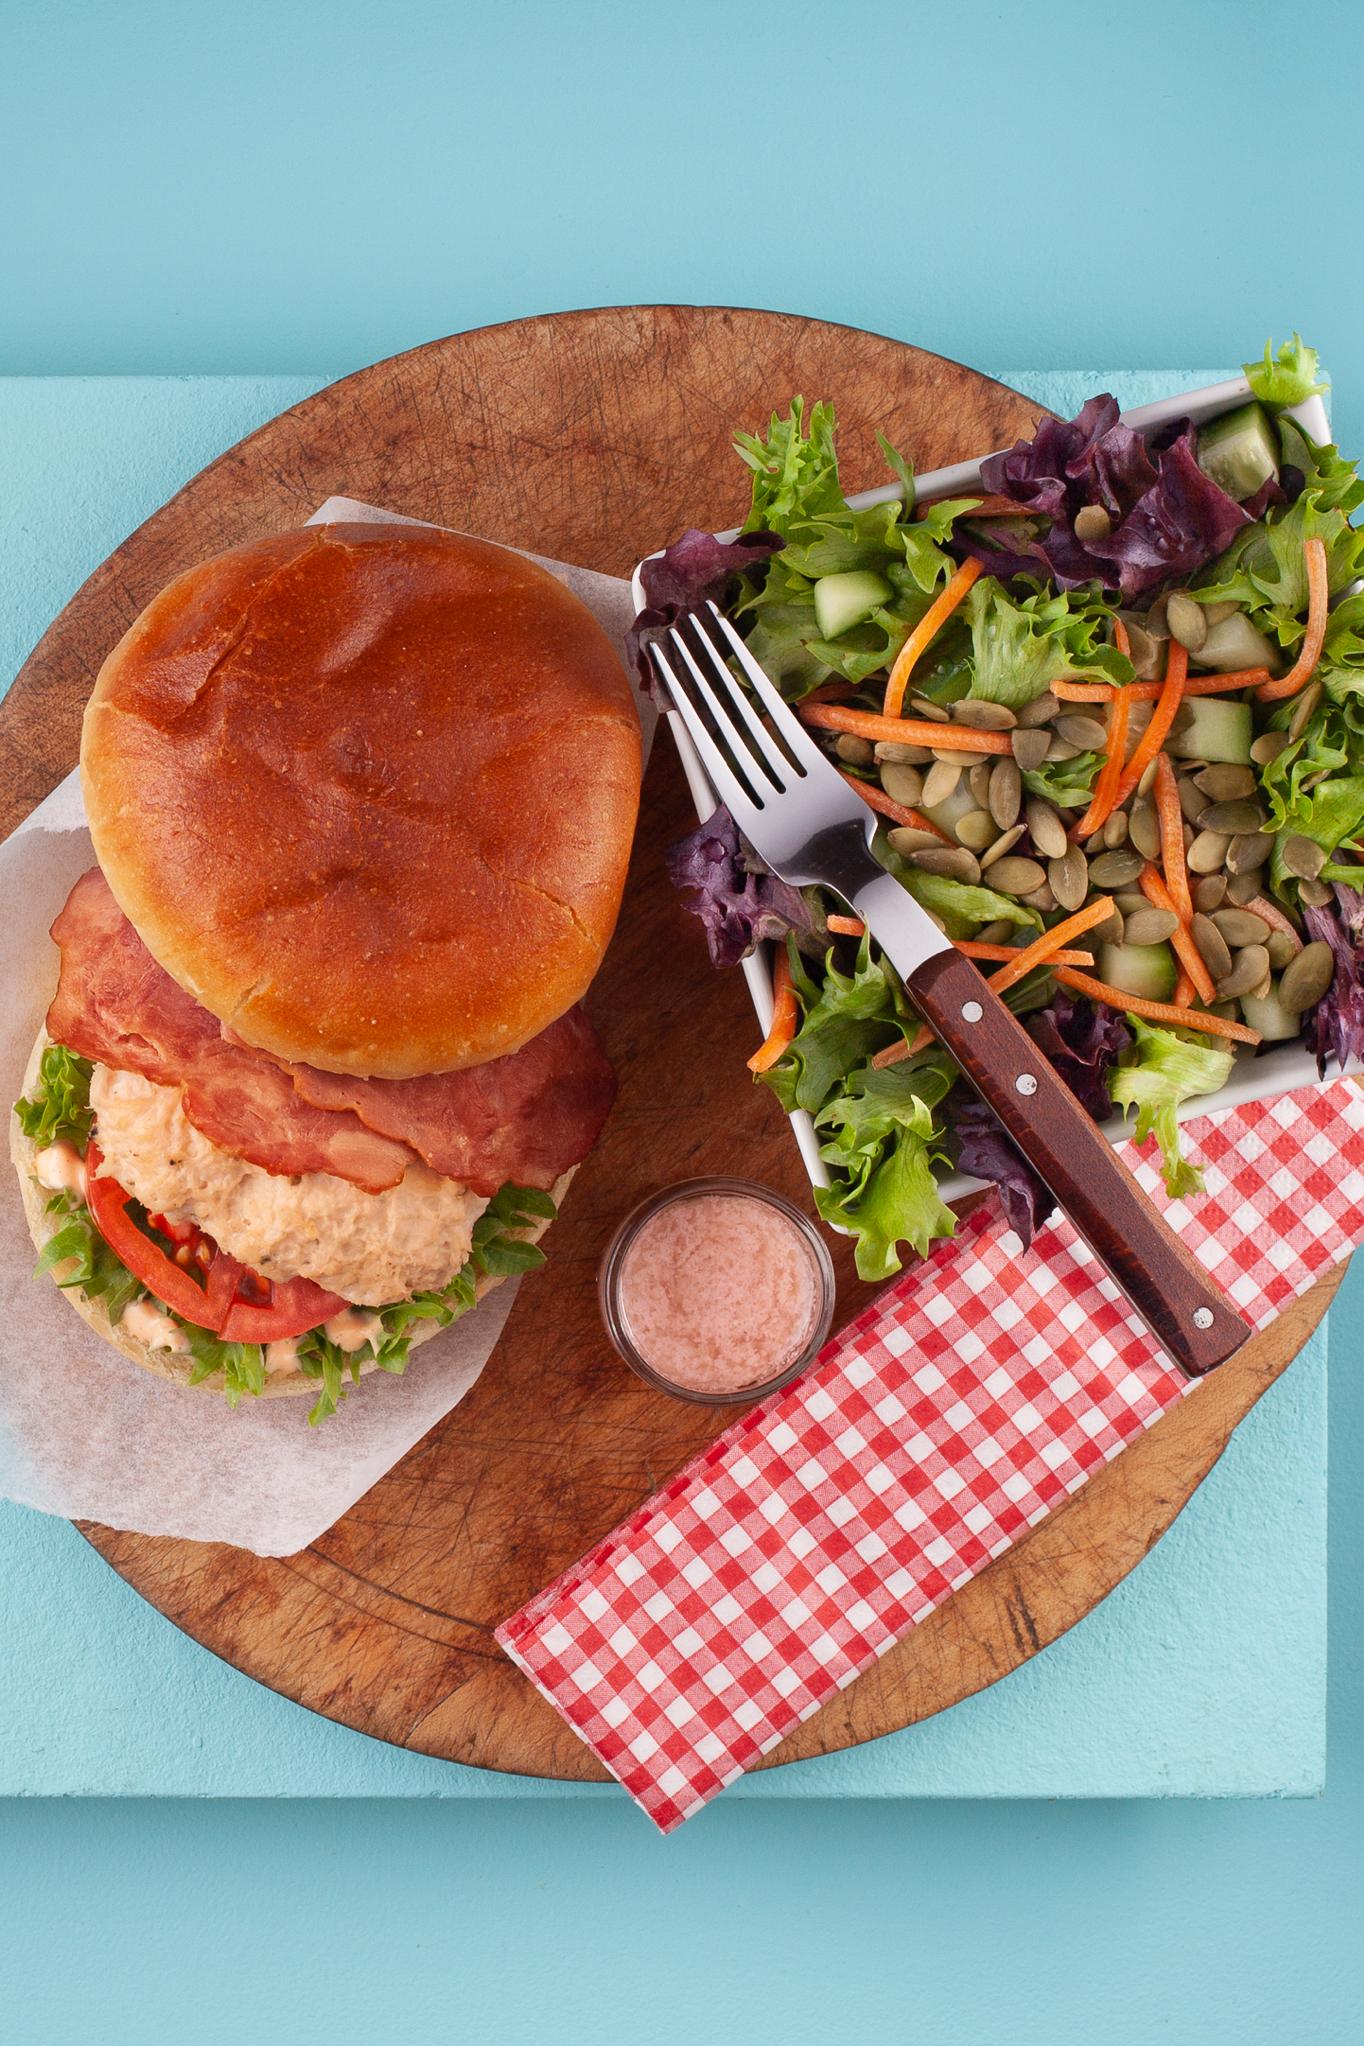 Chicken Bacon Ranch Burger